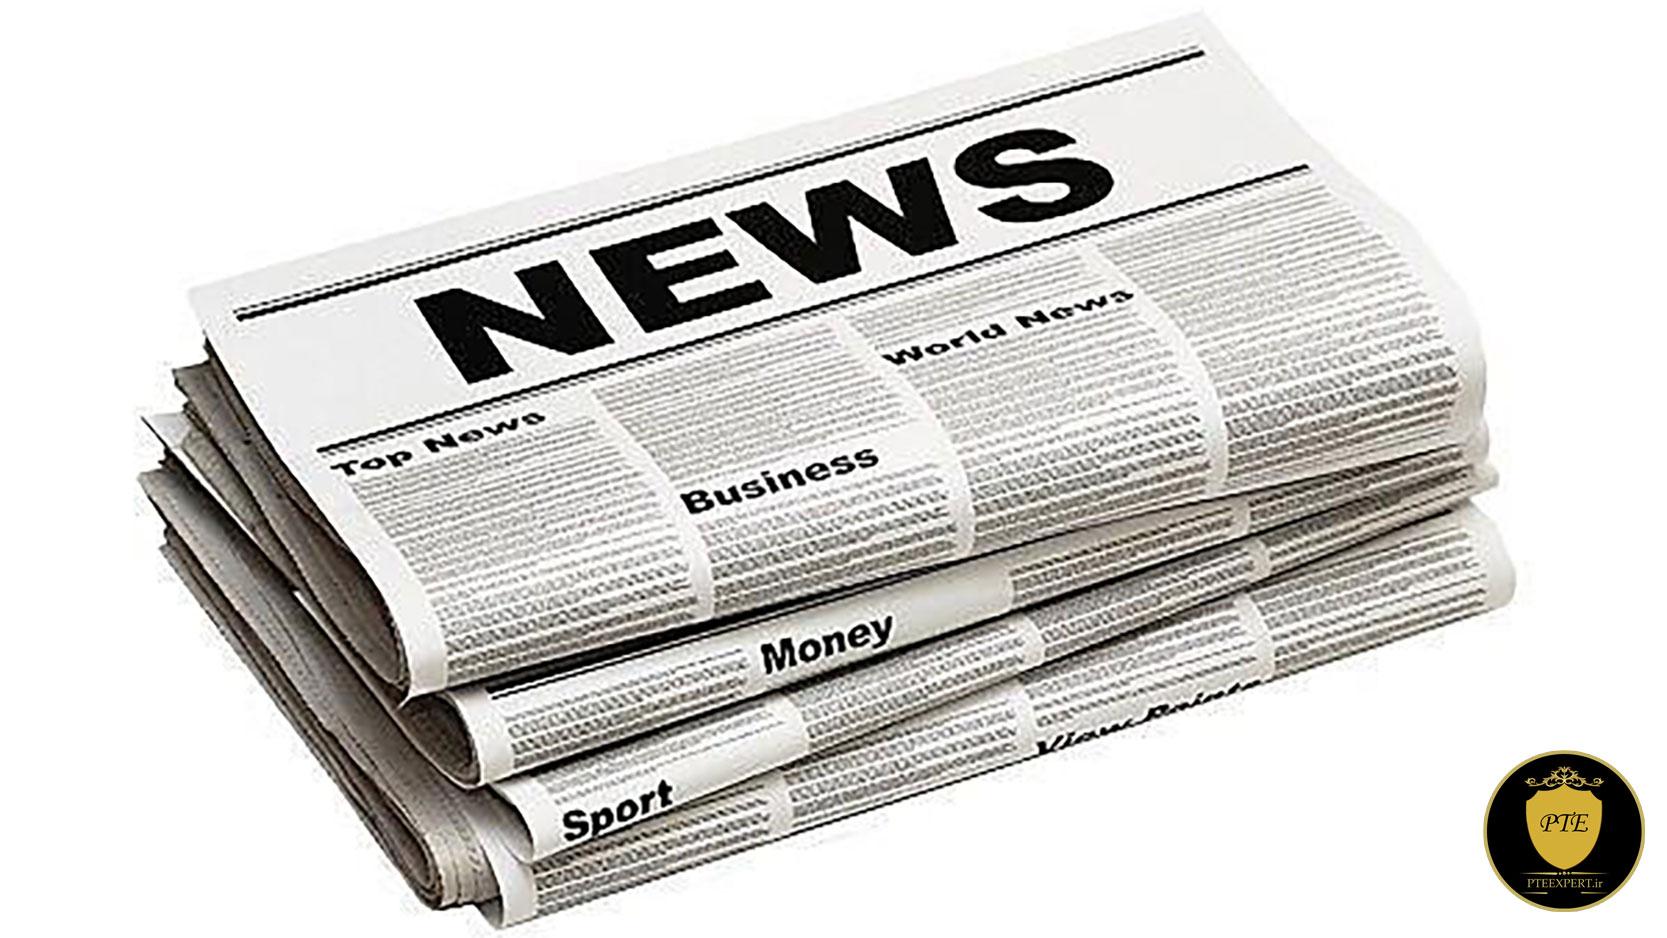 لغت و اصطلاحات اخبار انگلیسی